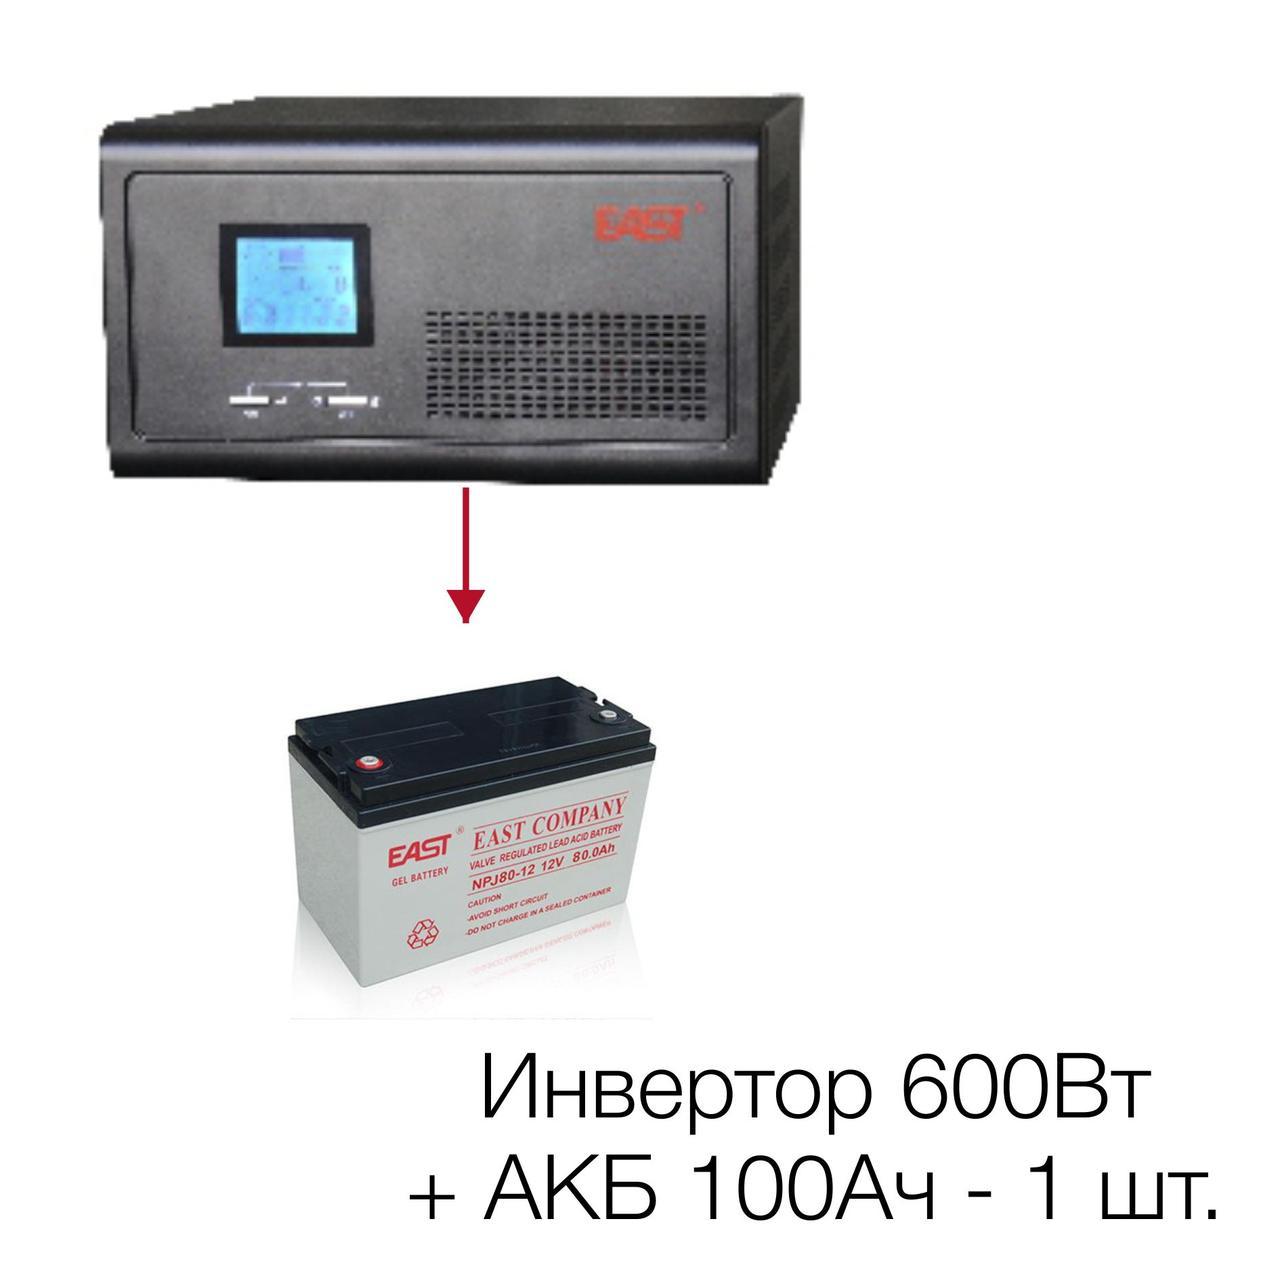 Инвертор 600Вт + батарея 100Ач (1 шт) в комплекте